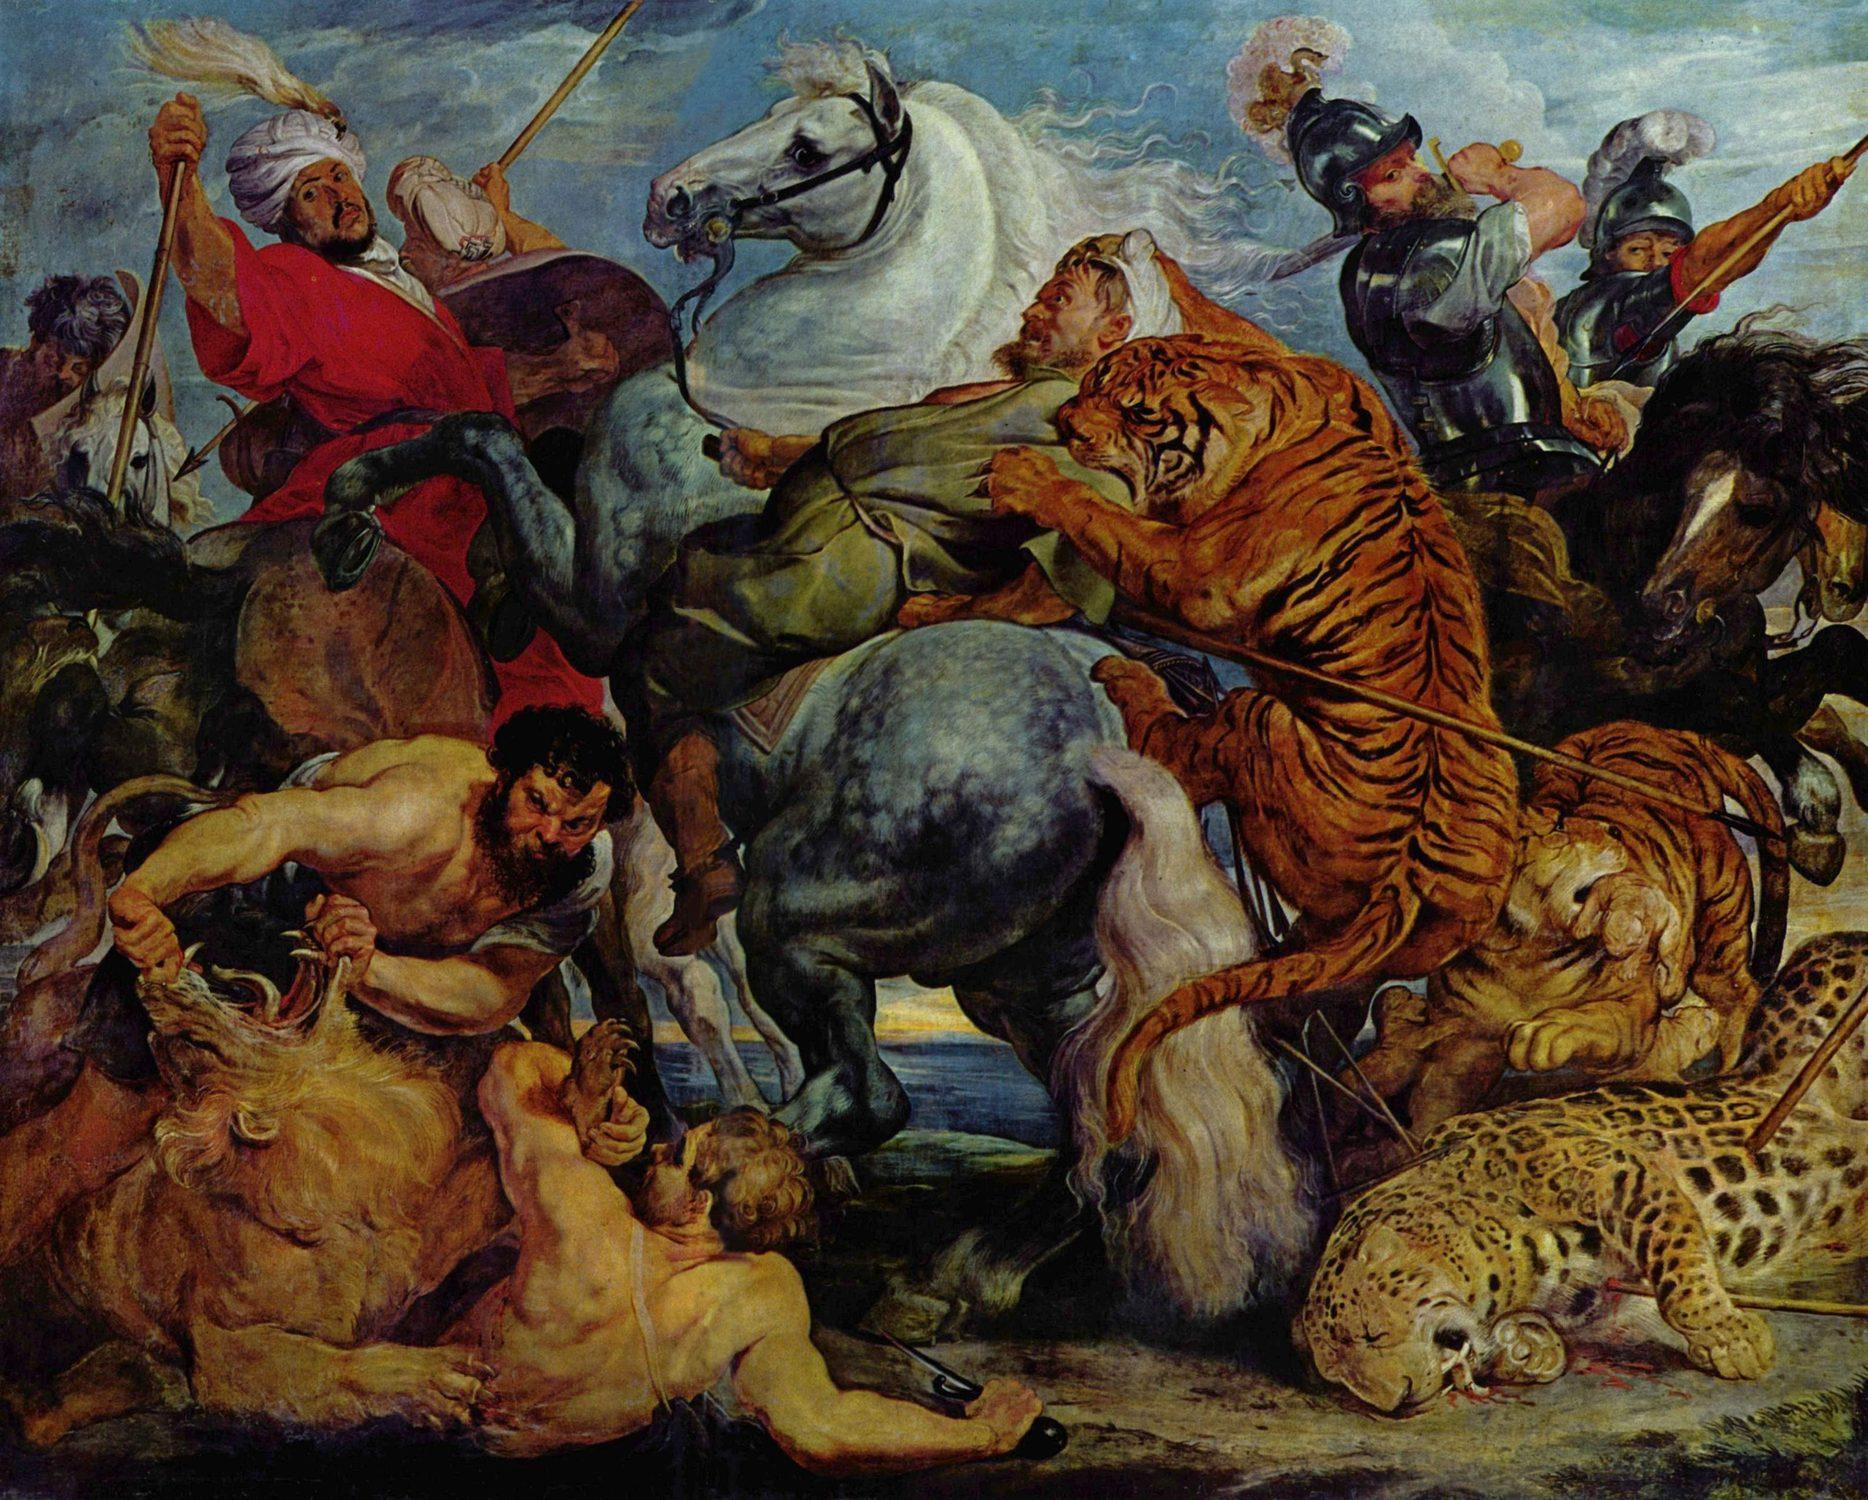 http://www.eternels-eclairs.fr/images/peinture/tableaux/peter-paul-rubens-HD/peter-paul-rubens-chasse-au-tigre-au-lion-et-au-leopard.jpg